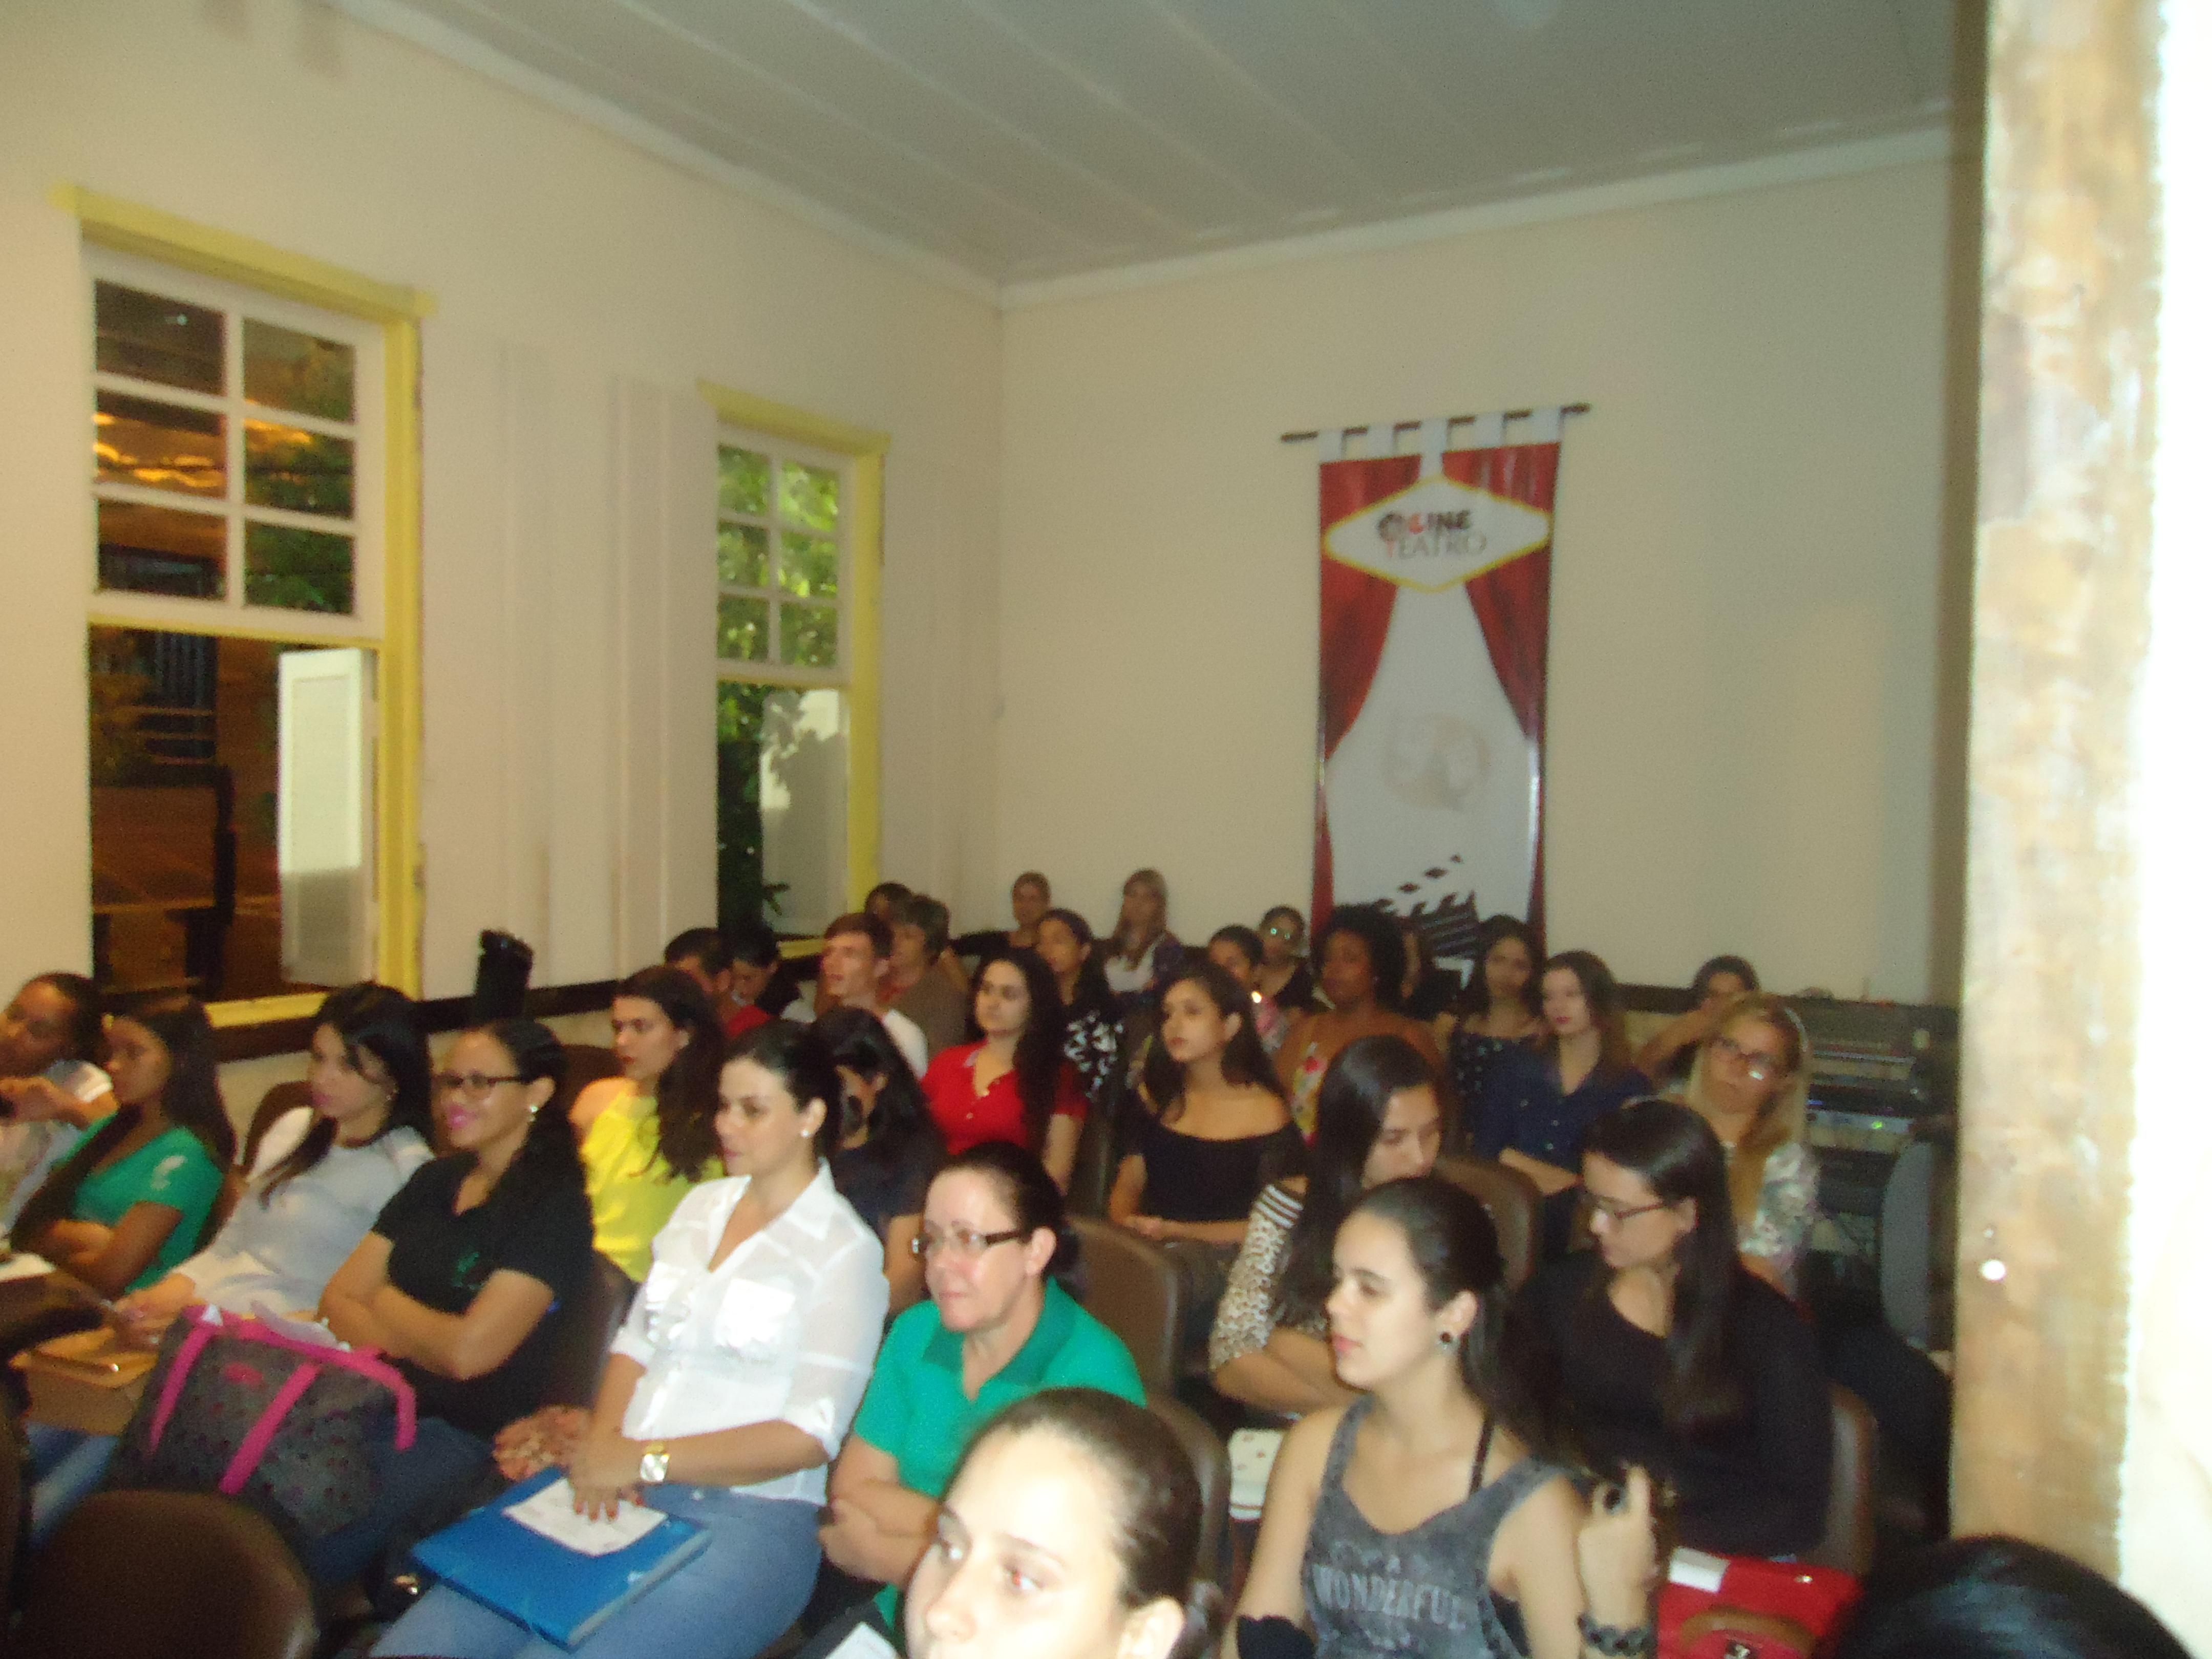 Alunos do curso de Serviço Social da FIC participam de evento em comemoração ao dia do Assistente Social